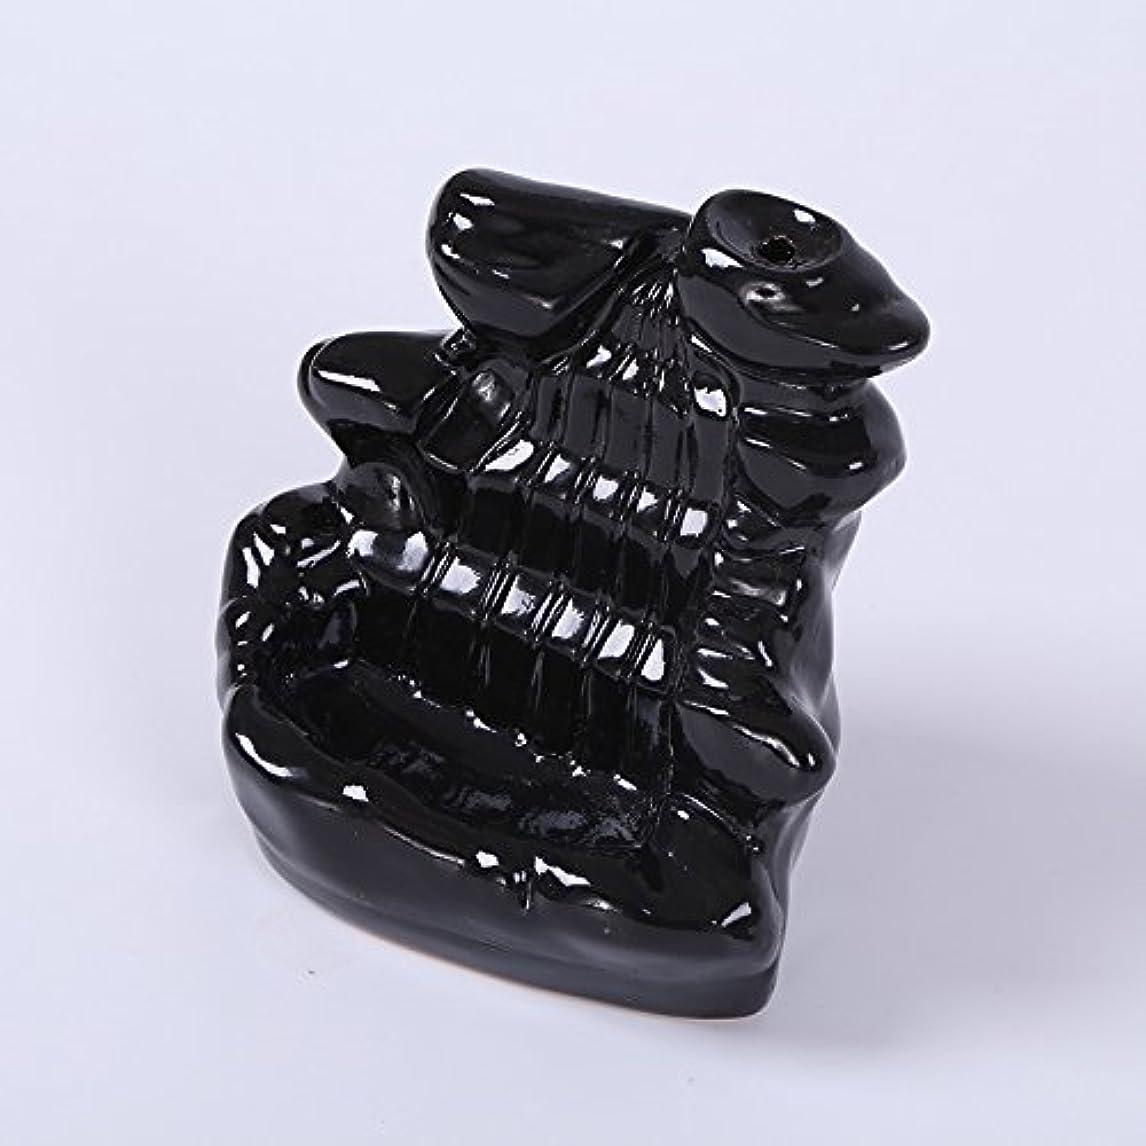 偏差頭痛代わりにKicode ブラック 滝の磁器の逆流 セラミックコーン 香炉 ホルダー仏教ホームオフィスデコレーション